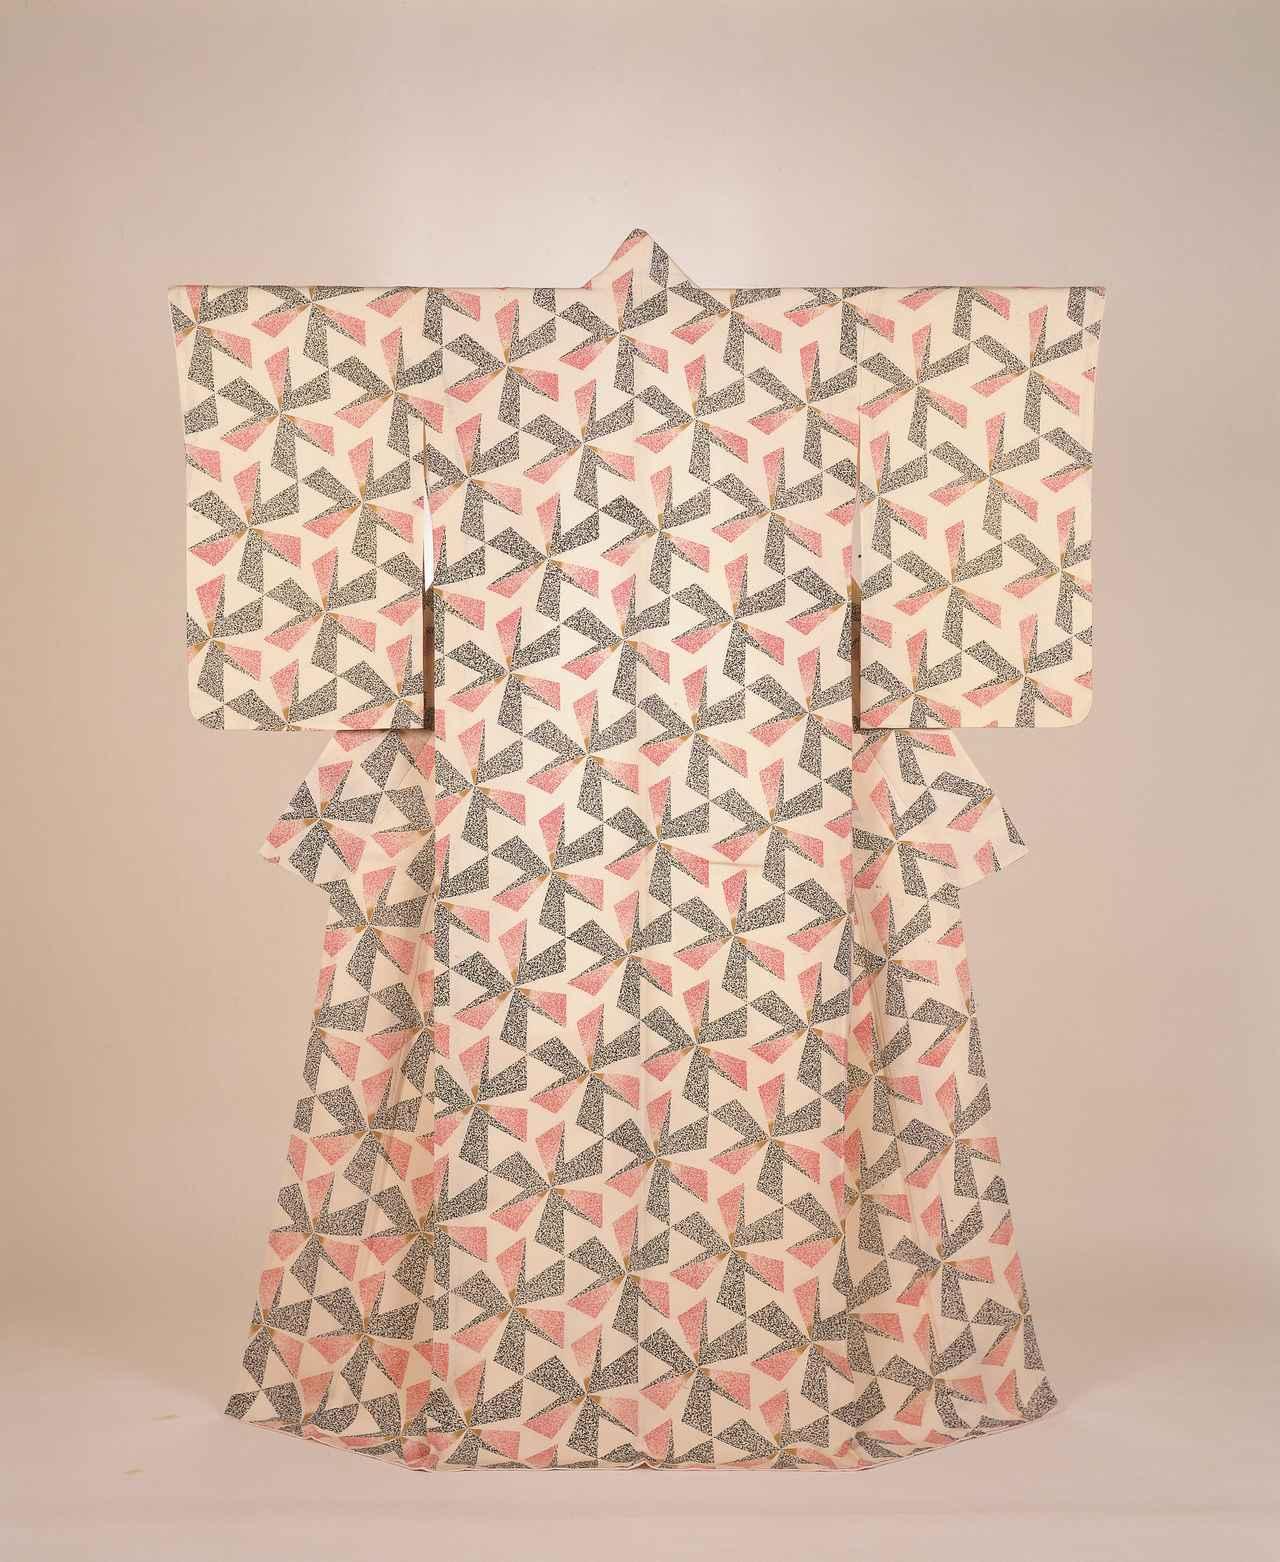 画像: 森口邦彦 《友禅着物 持合鱗漸層文様訪問着「花間」》 1970年